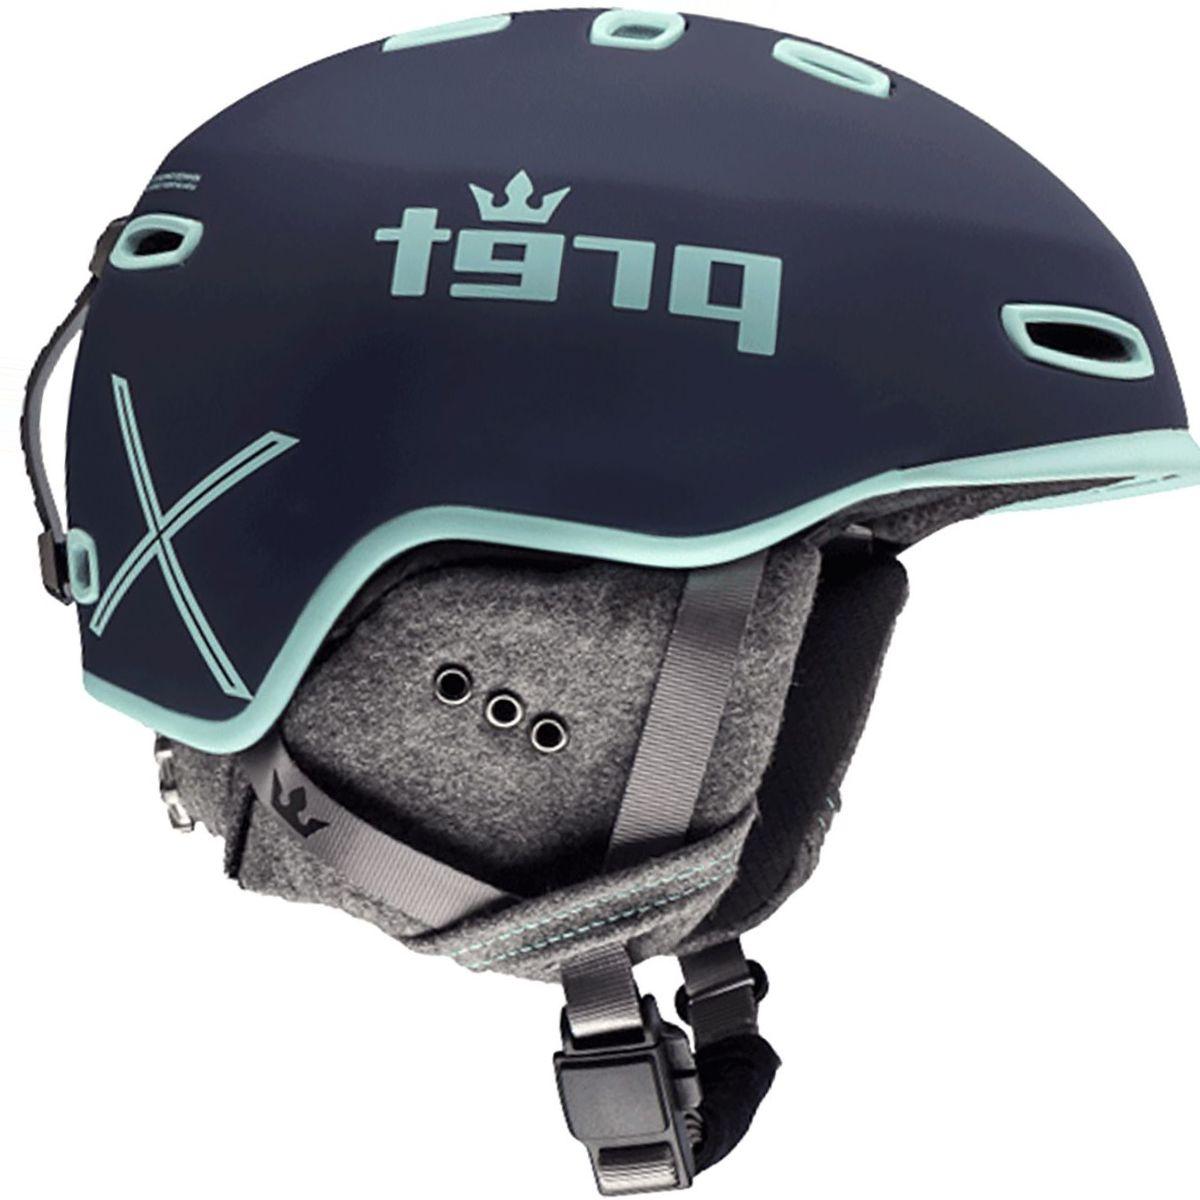 Pret Helmets Lyric X Helmet - Women's